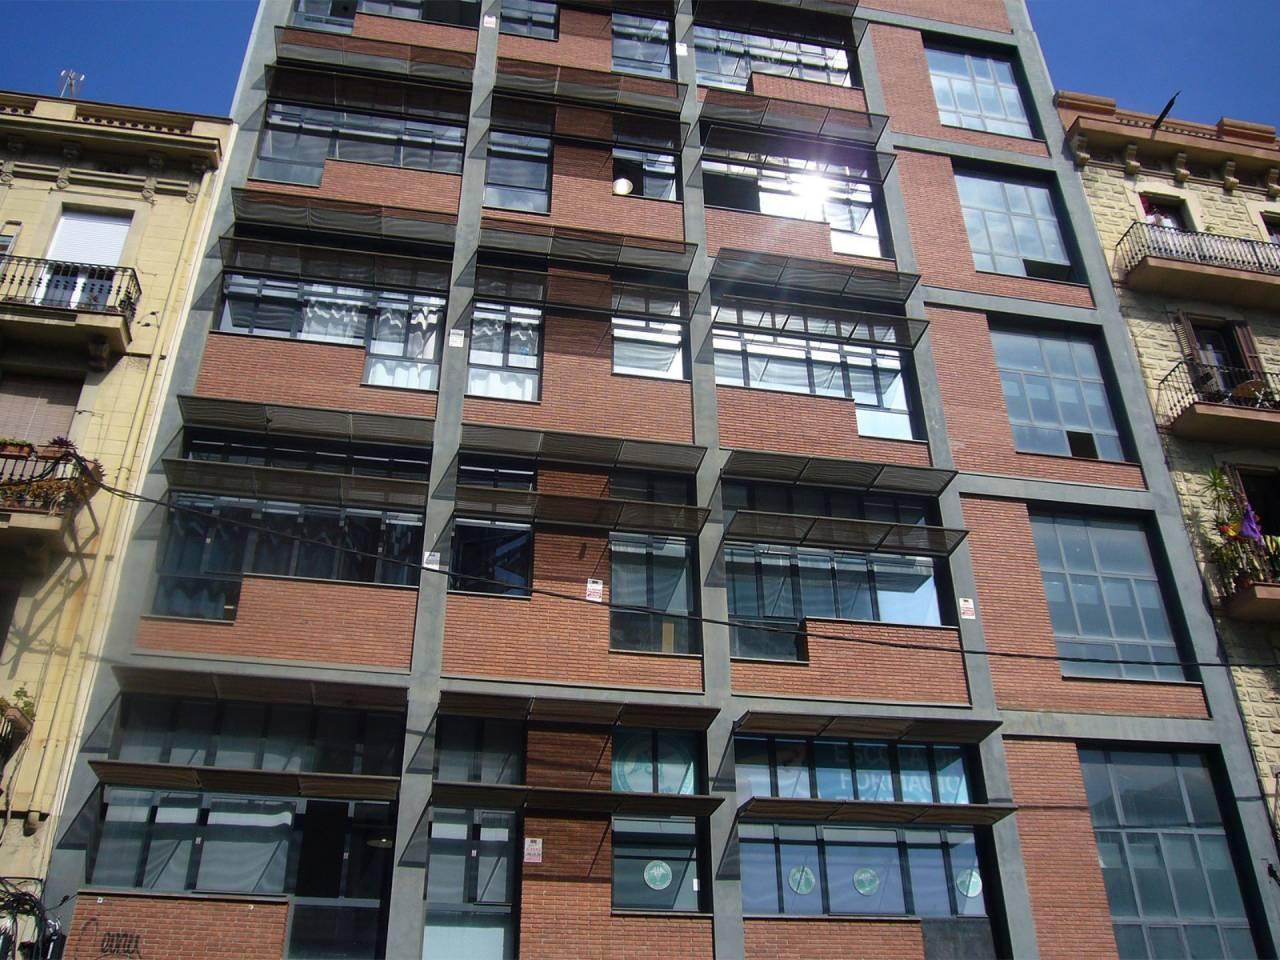 Pis a lloguer El Parc-La Llacuna del Poblenou (Barcelona Capital)